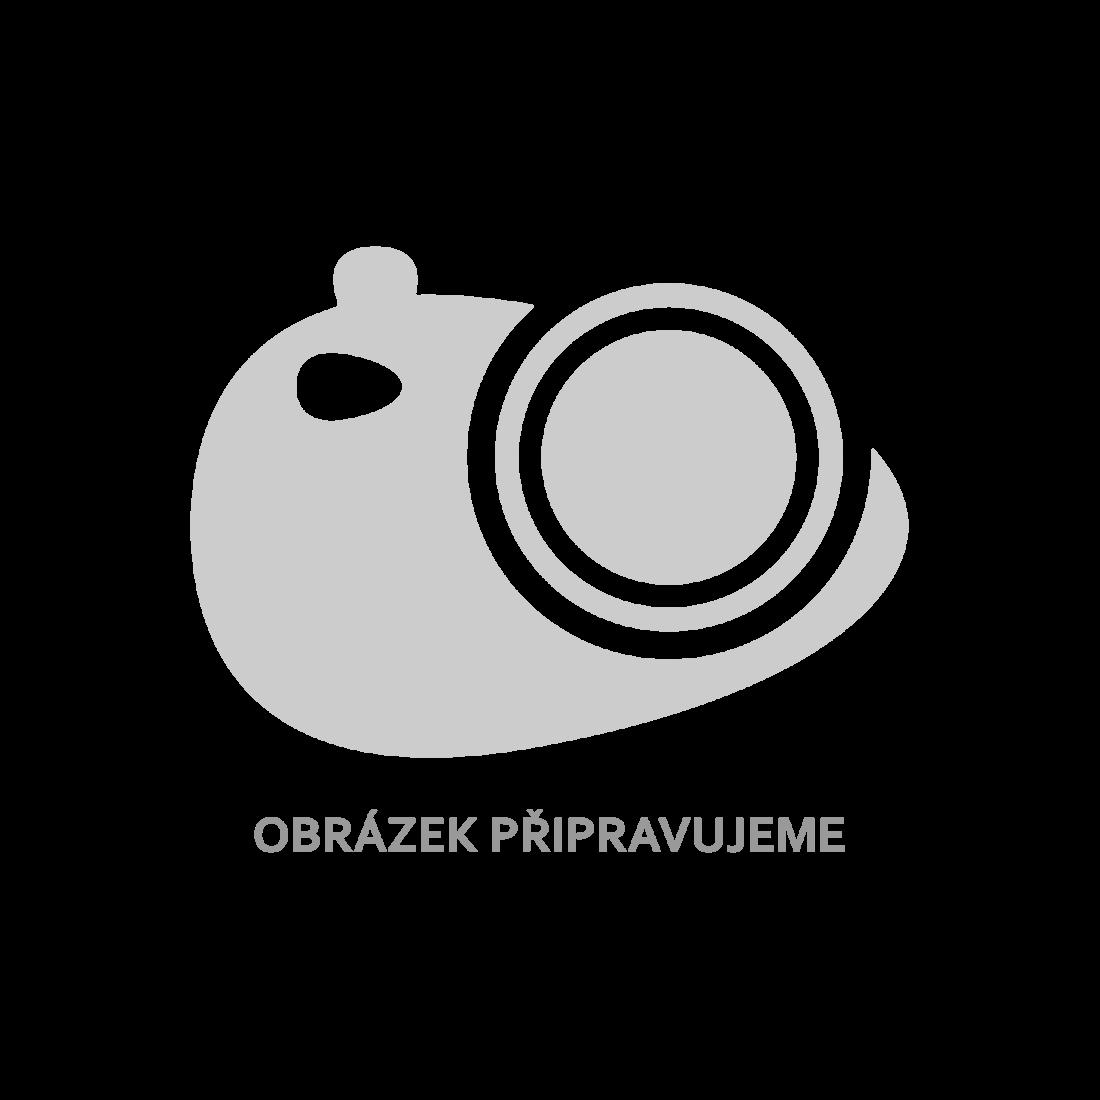 Ansmann plyšák Slon s nočním světlem hrající